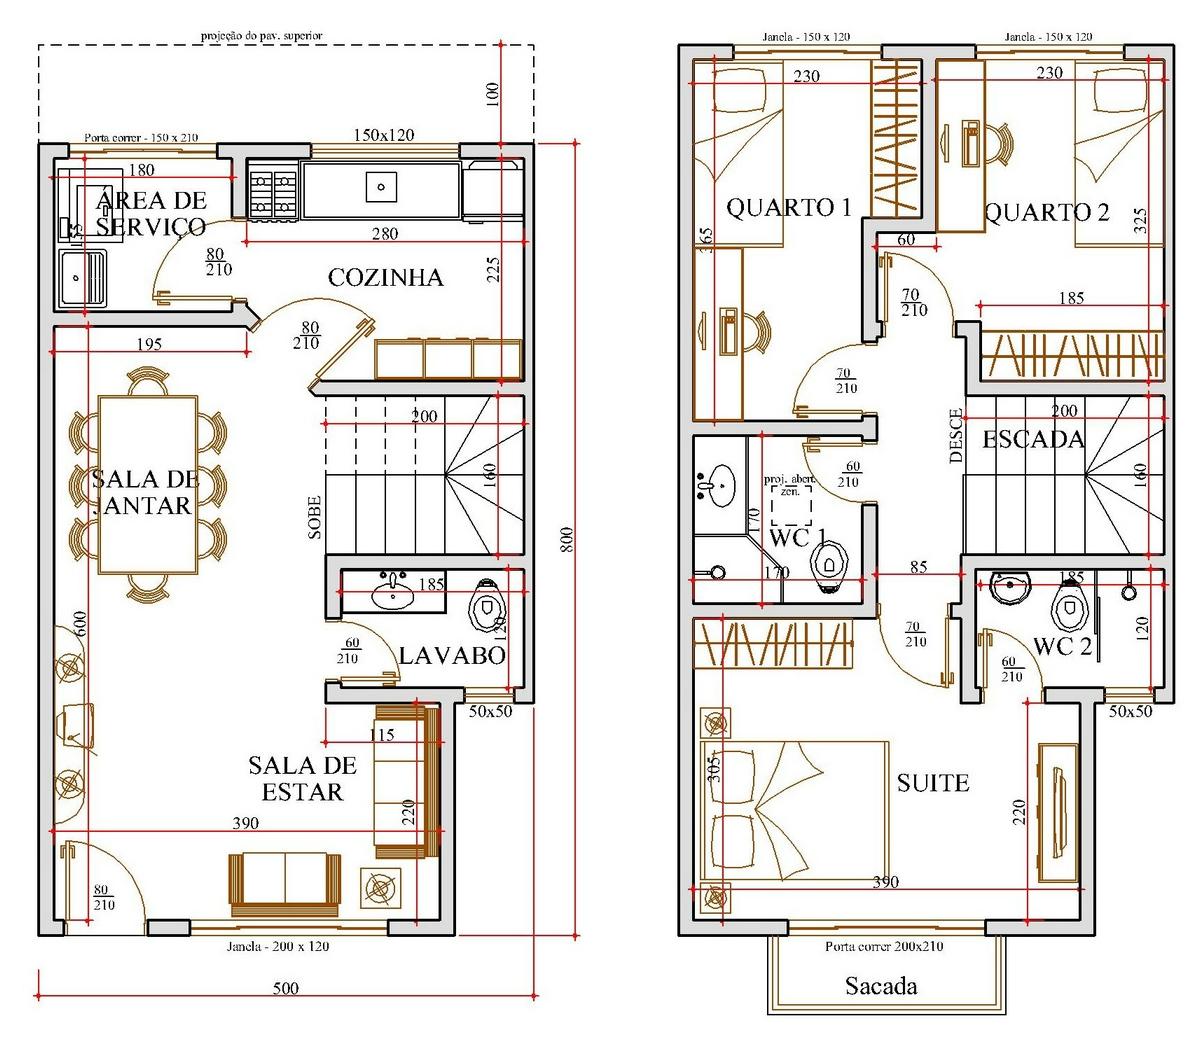 Projetos de sobrados com 3 quartos grátis Decorando Casas #9A3431 1200 1040